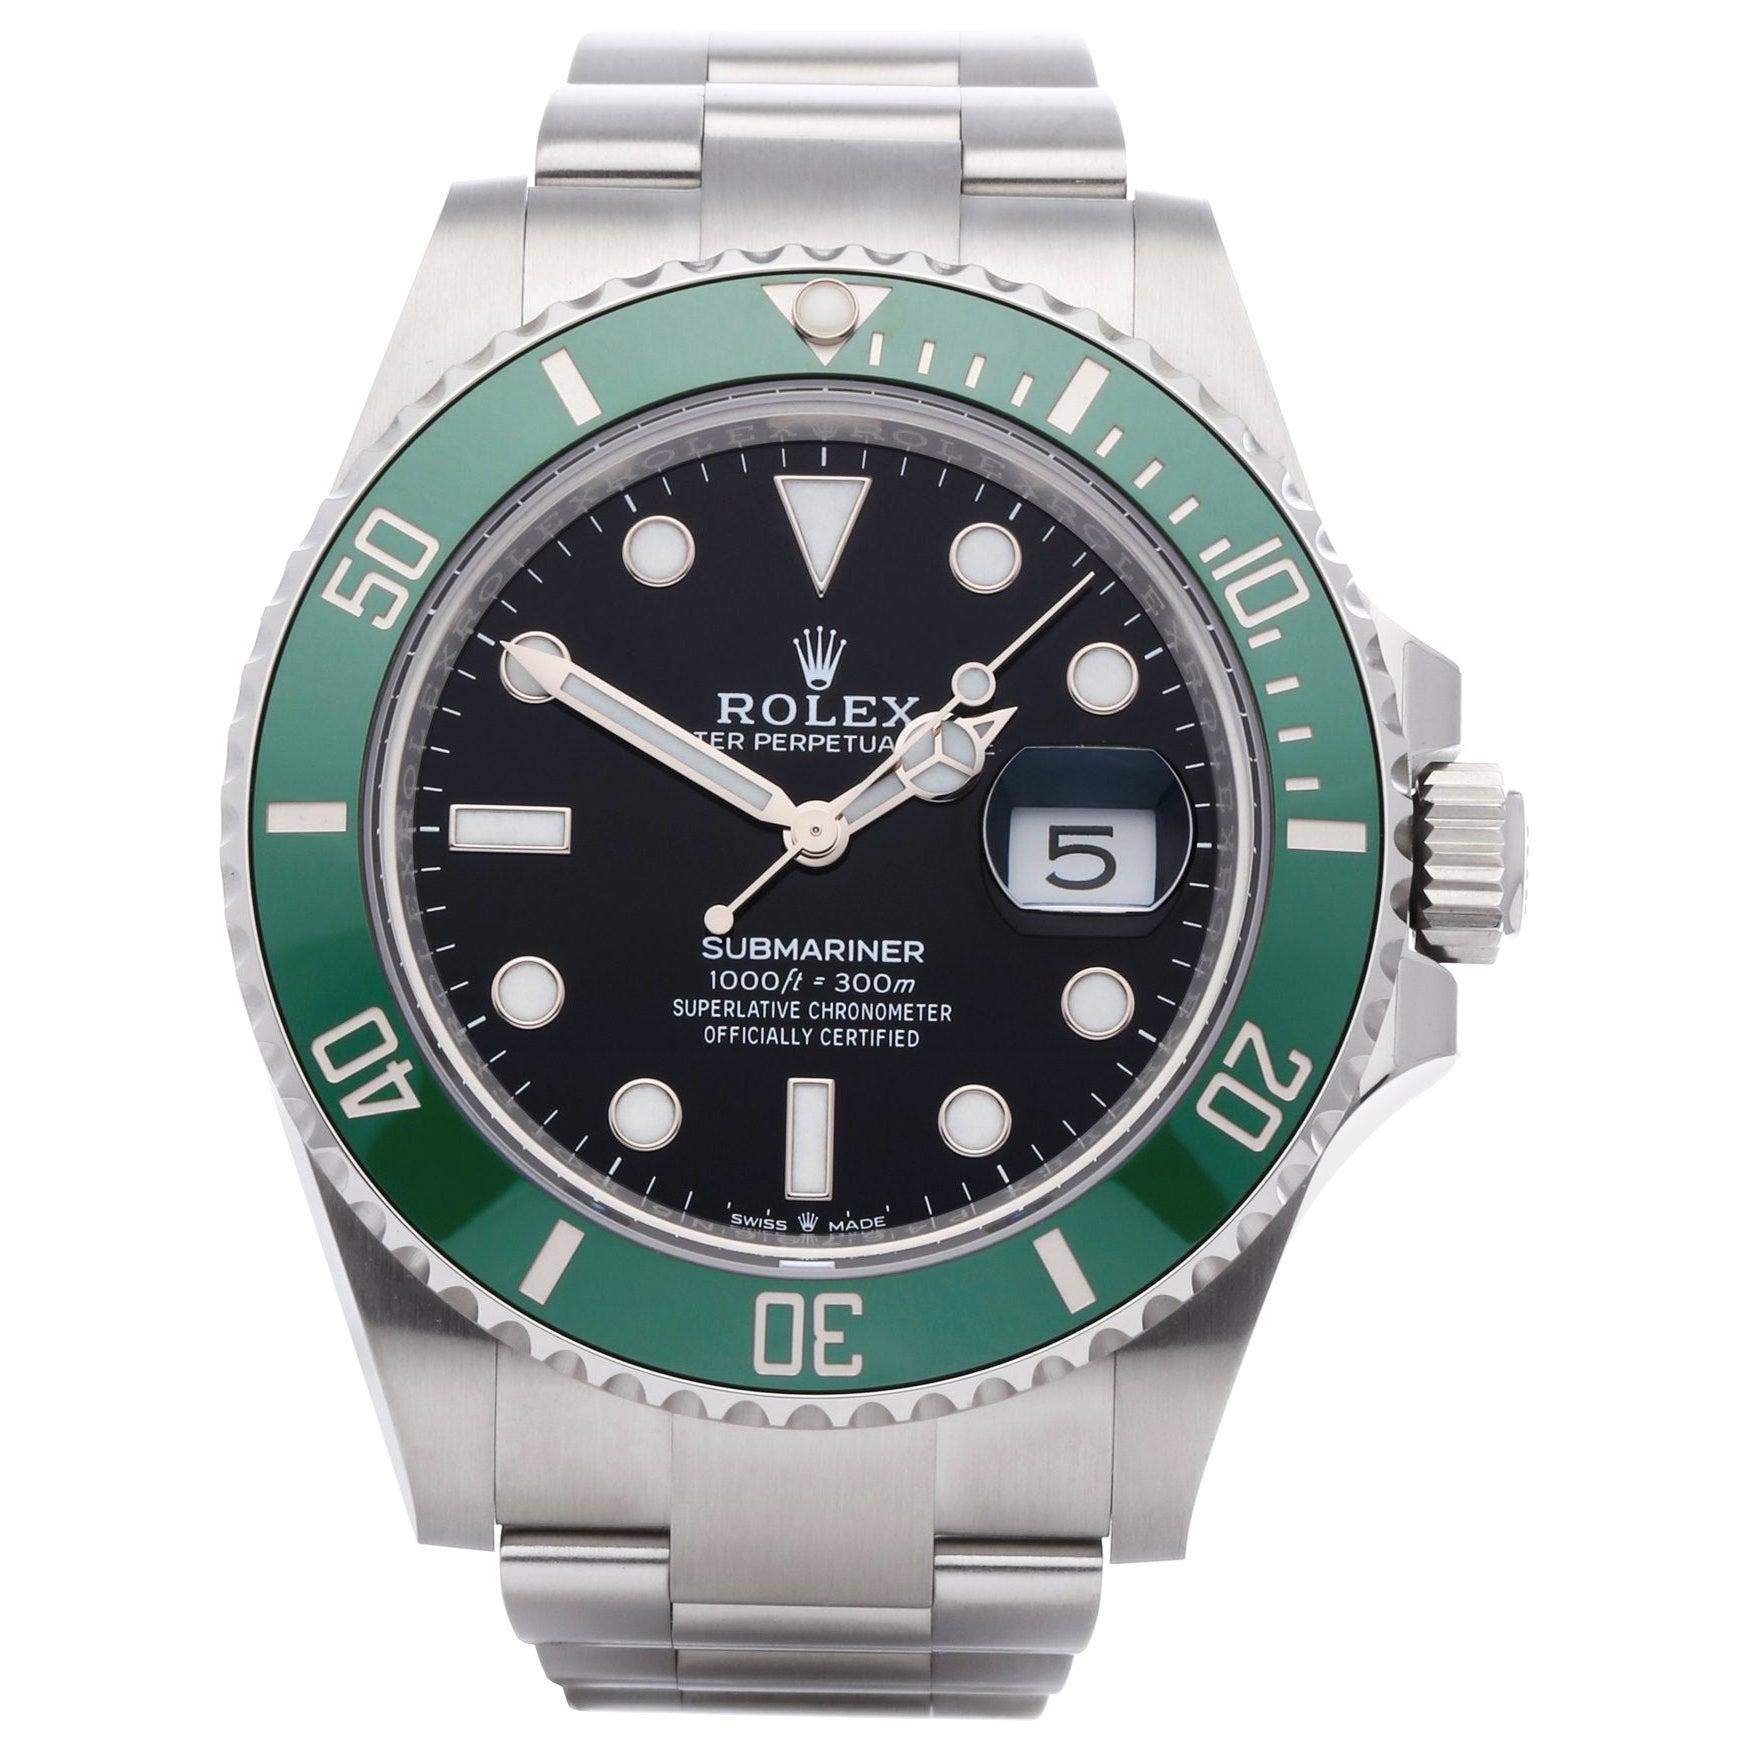 Rolex Submariner Date 126610LV Men's Stainless Steel Watch